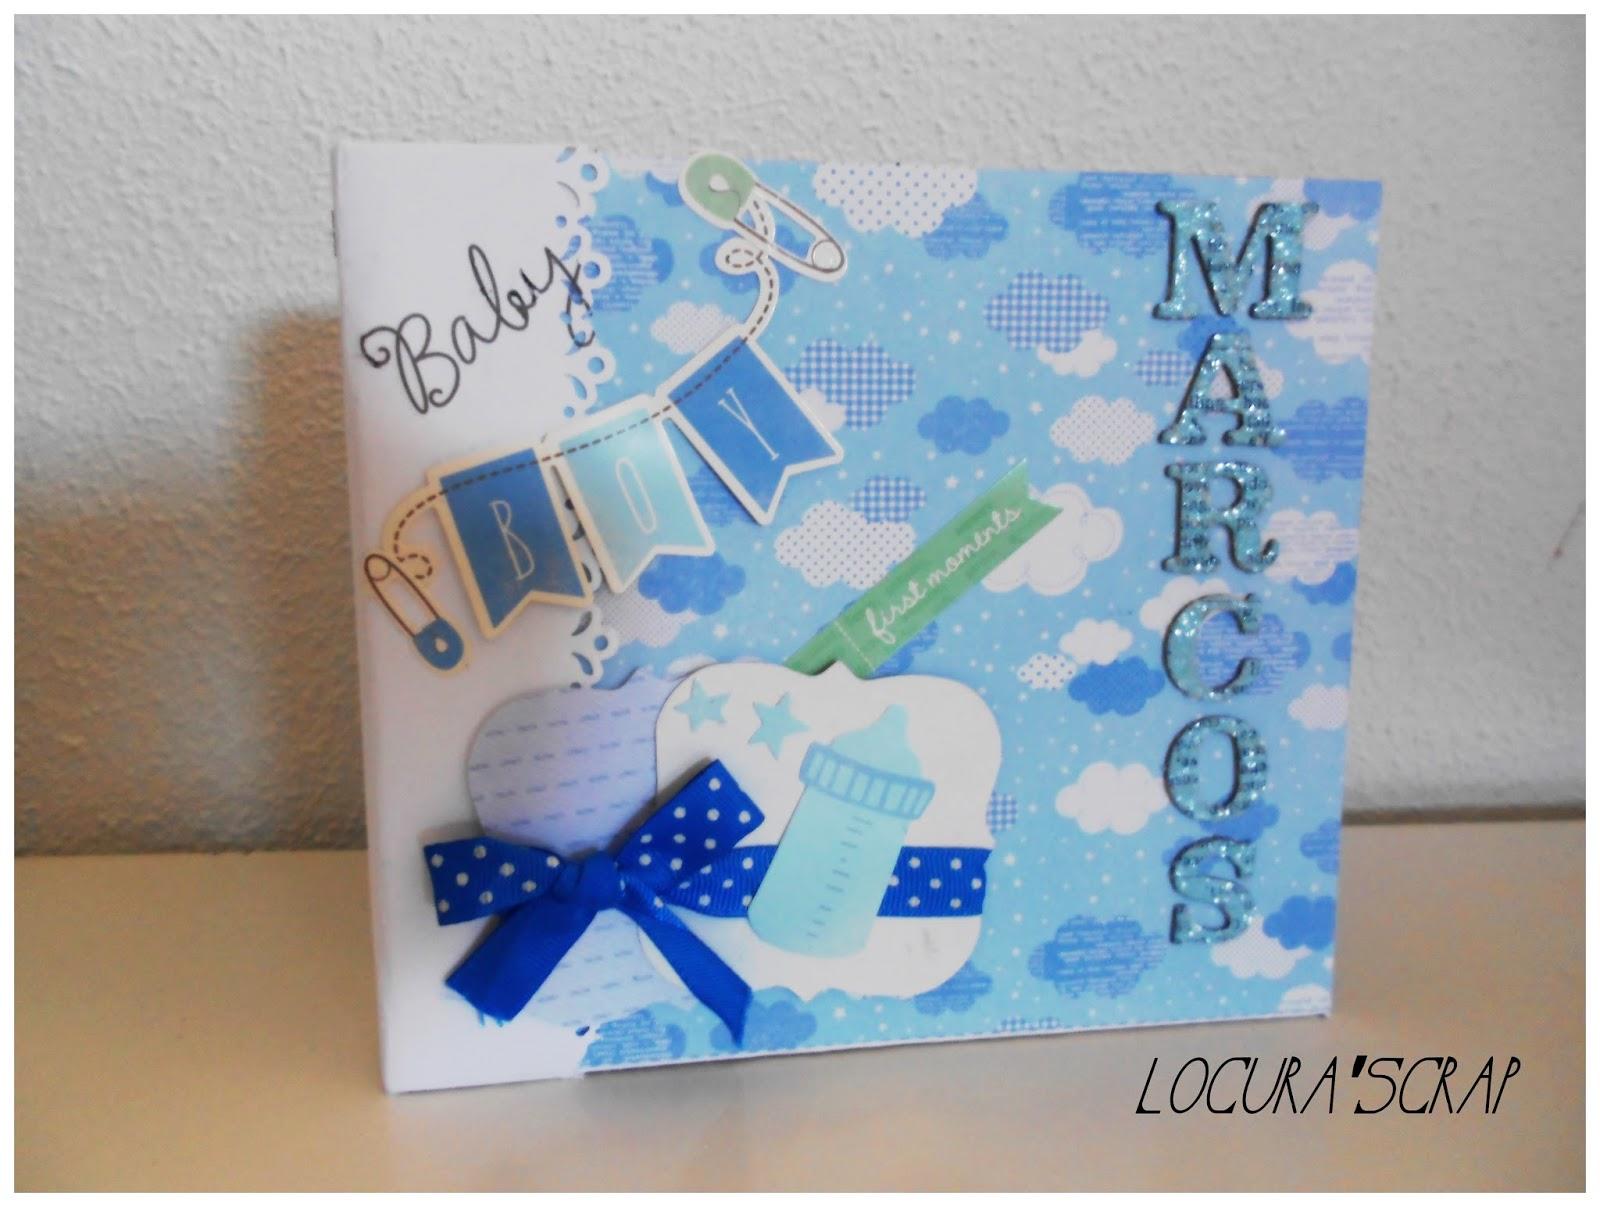 Locura 39 scrap blog dedicado al scrapbooking y manualidades lbum baby boy - Decoracion de album de fotos ...